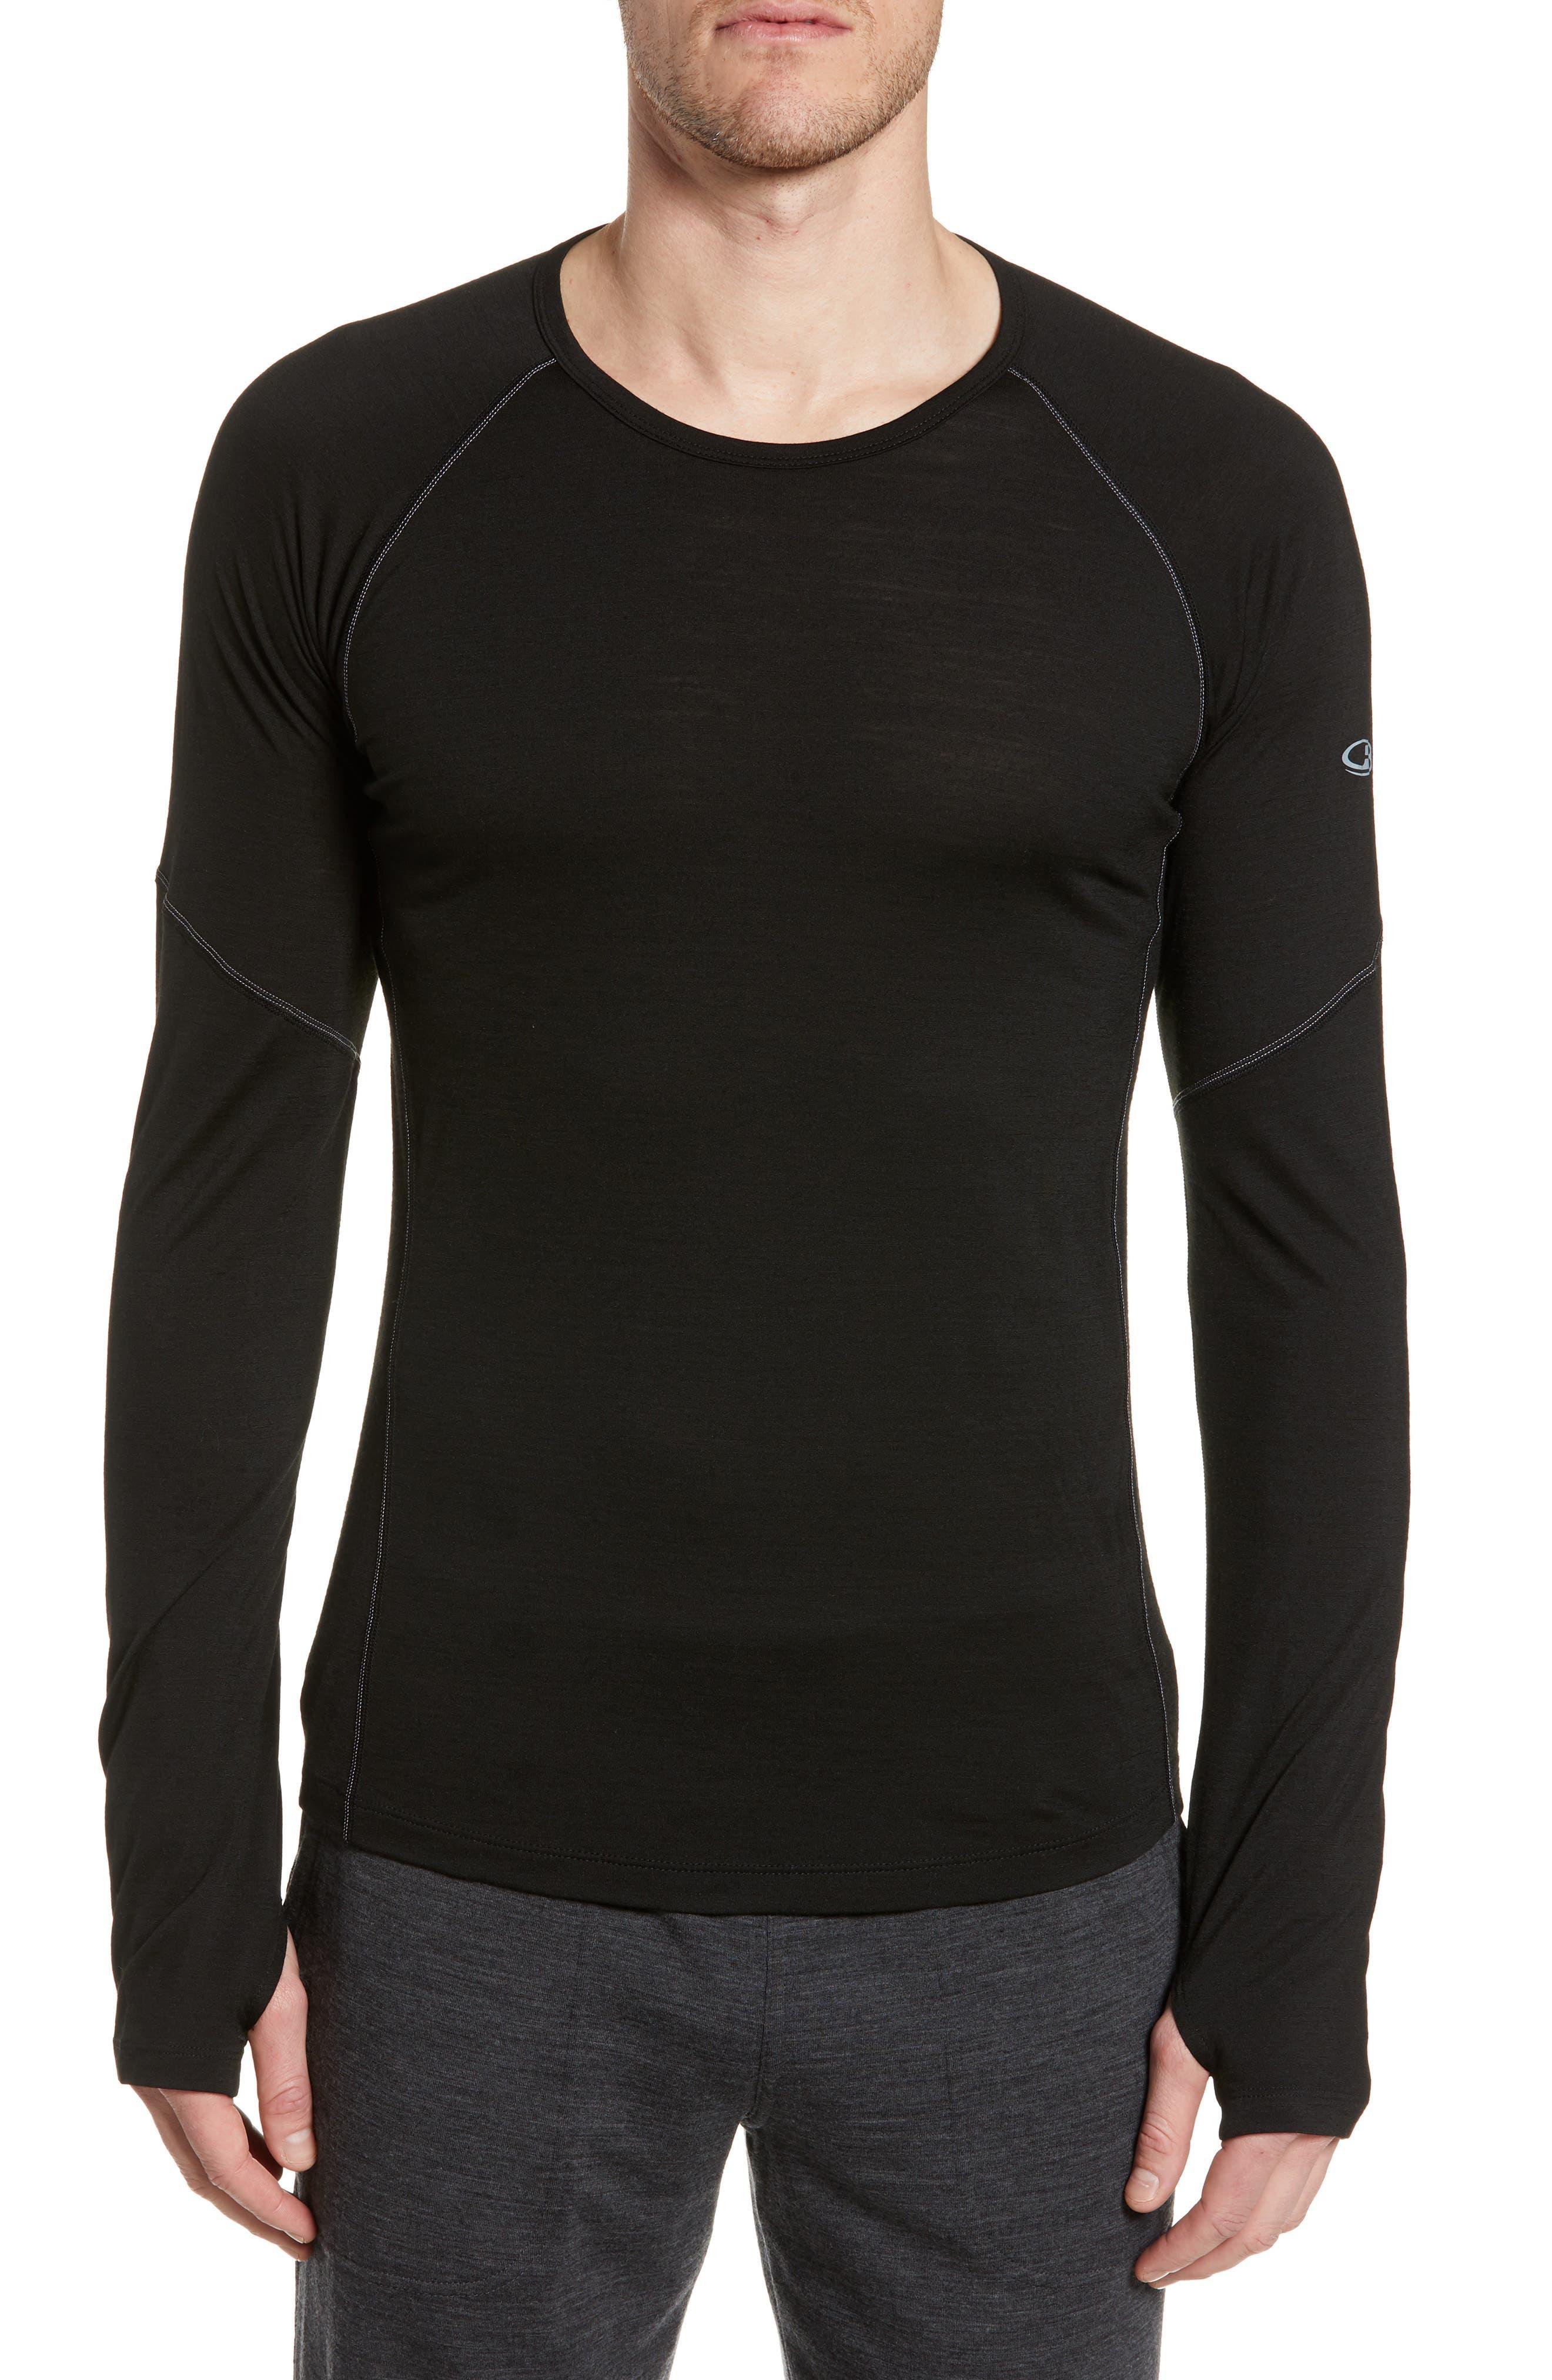 Icebreaker Bodyfitzone(TM) 150 Zone Long Sleeve Top, Black